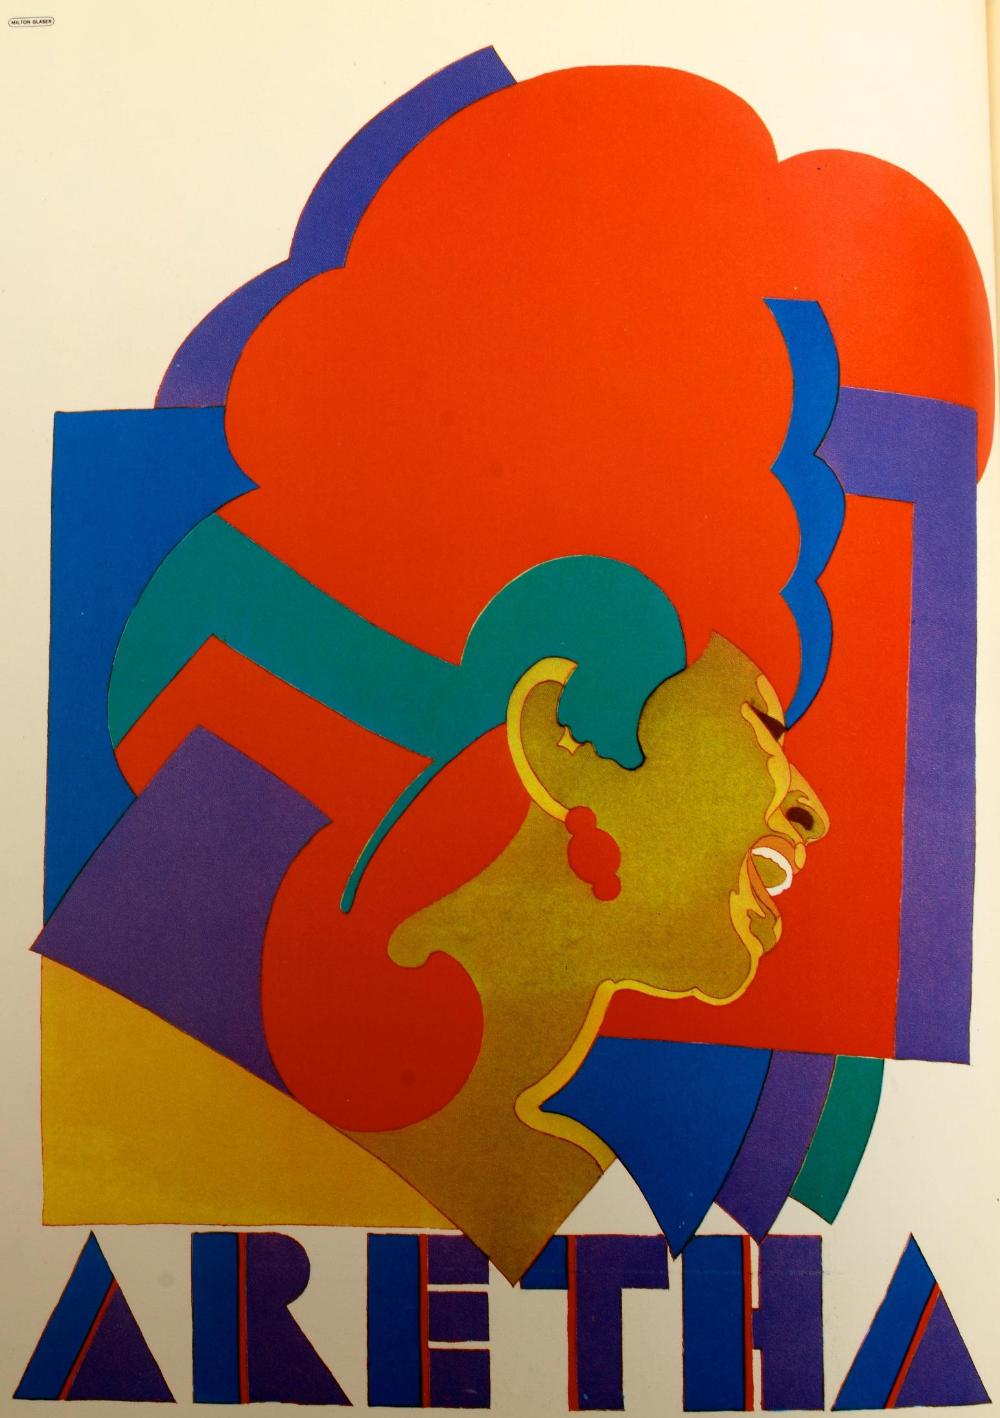 sala de estar decoraci/ón para dormitorio impresi/ón art/ística de pared hogar 20 x 30 cm SHUOJIA P/óster art/ístico de Bob Dylan Milton Glaser en lienzo